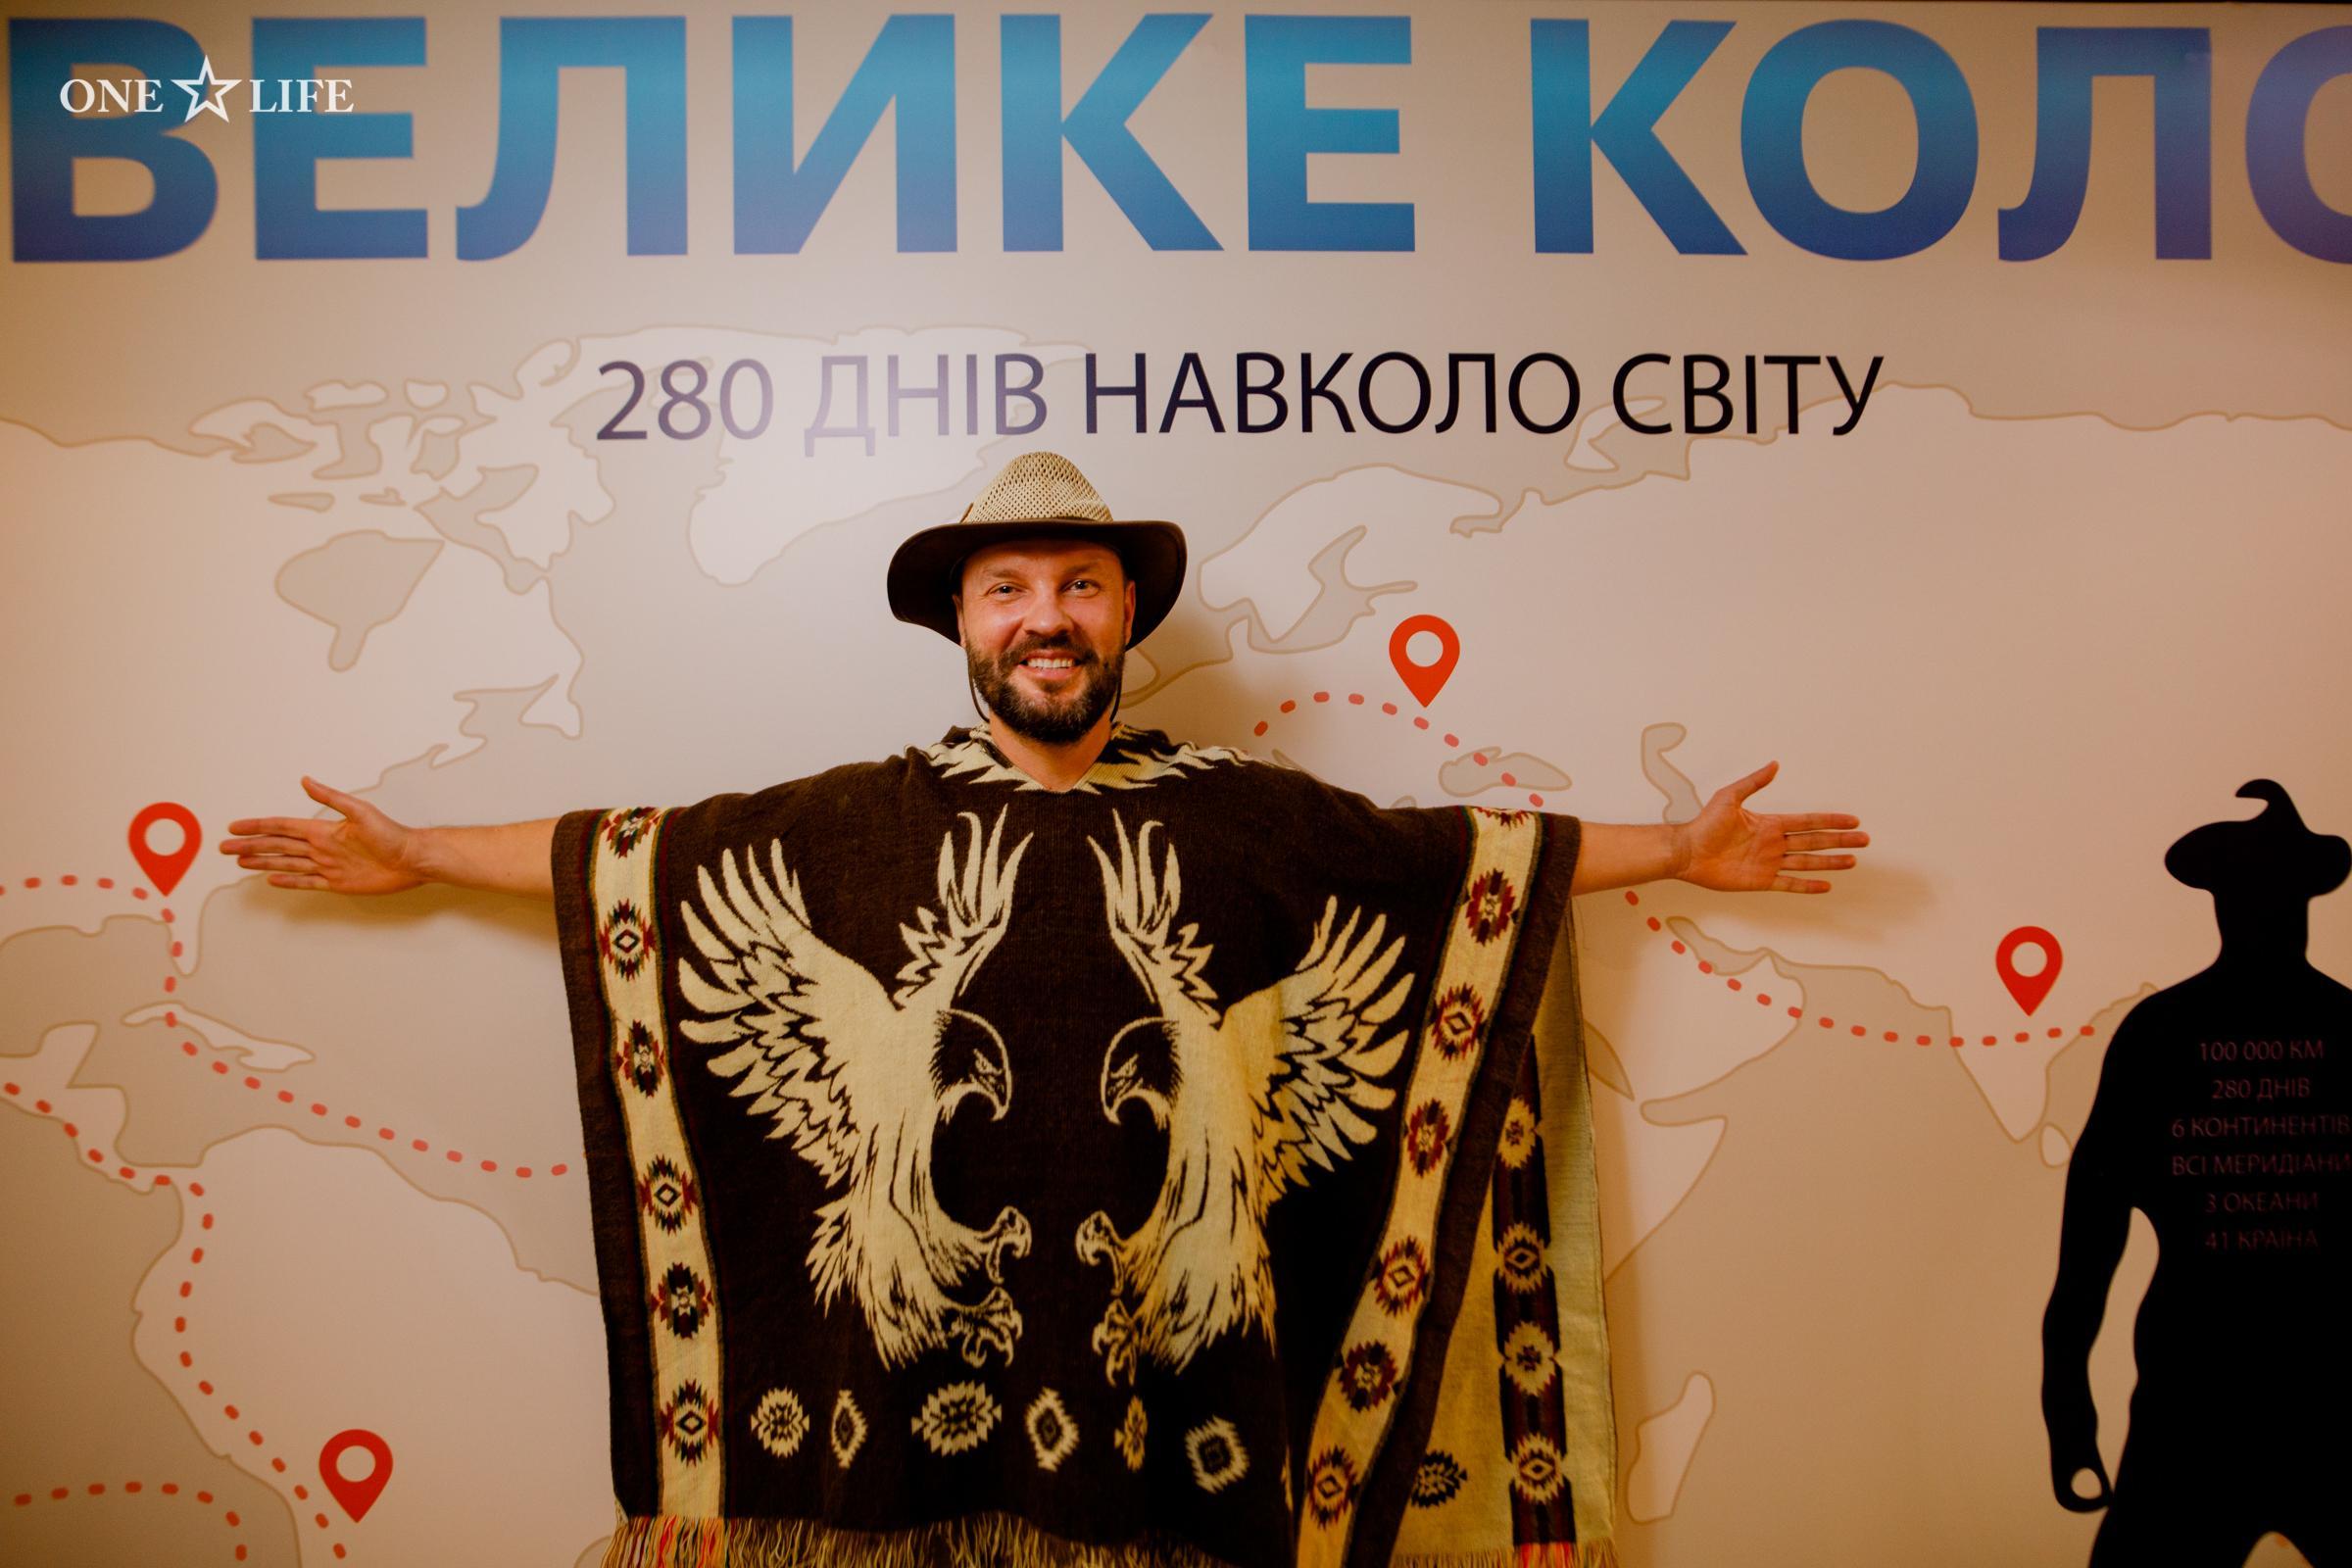 В Києві відбулася презентація тревел-серіалу «Велике коло»